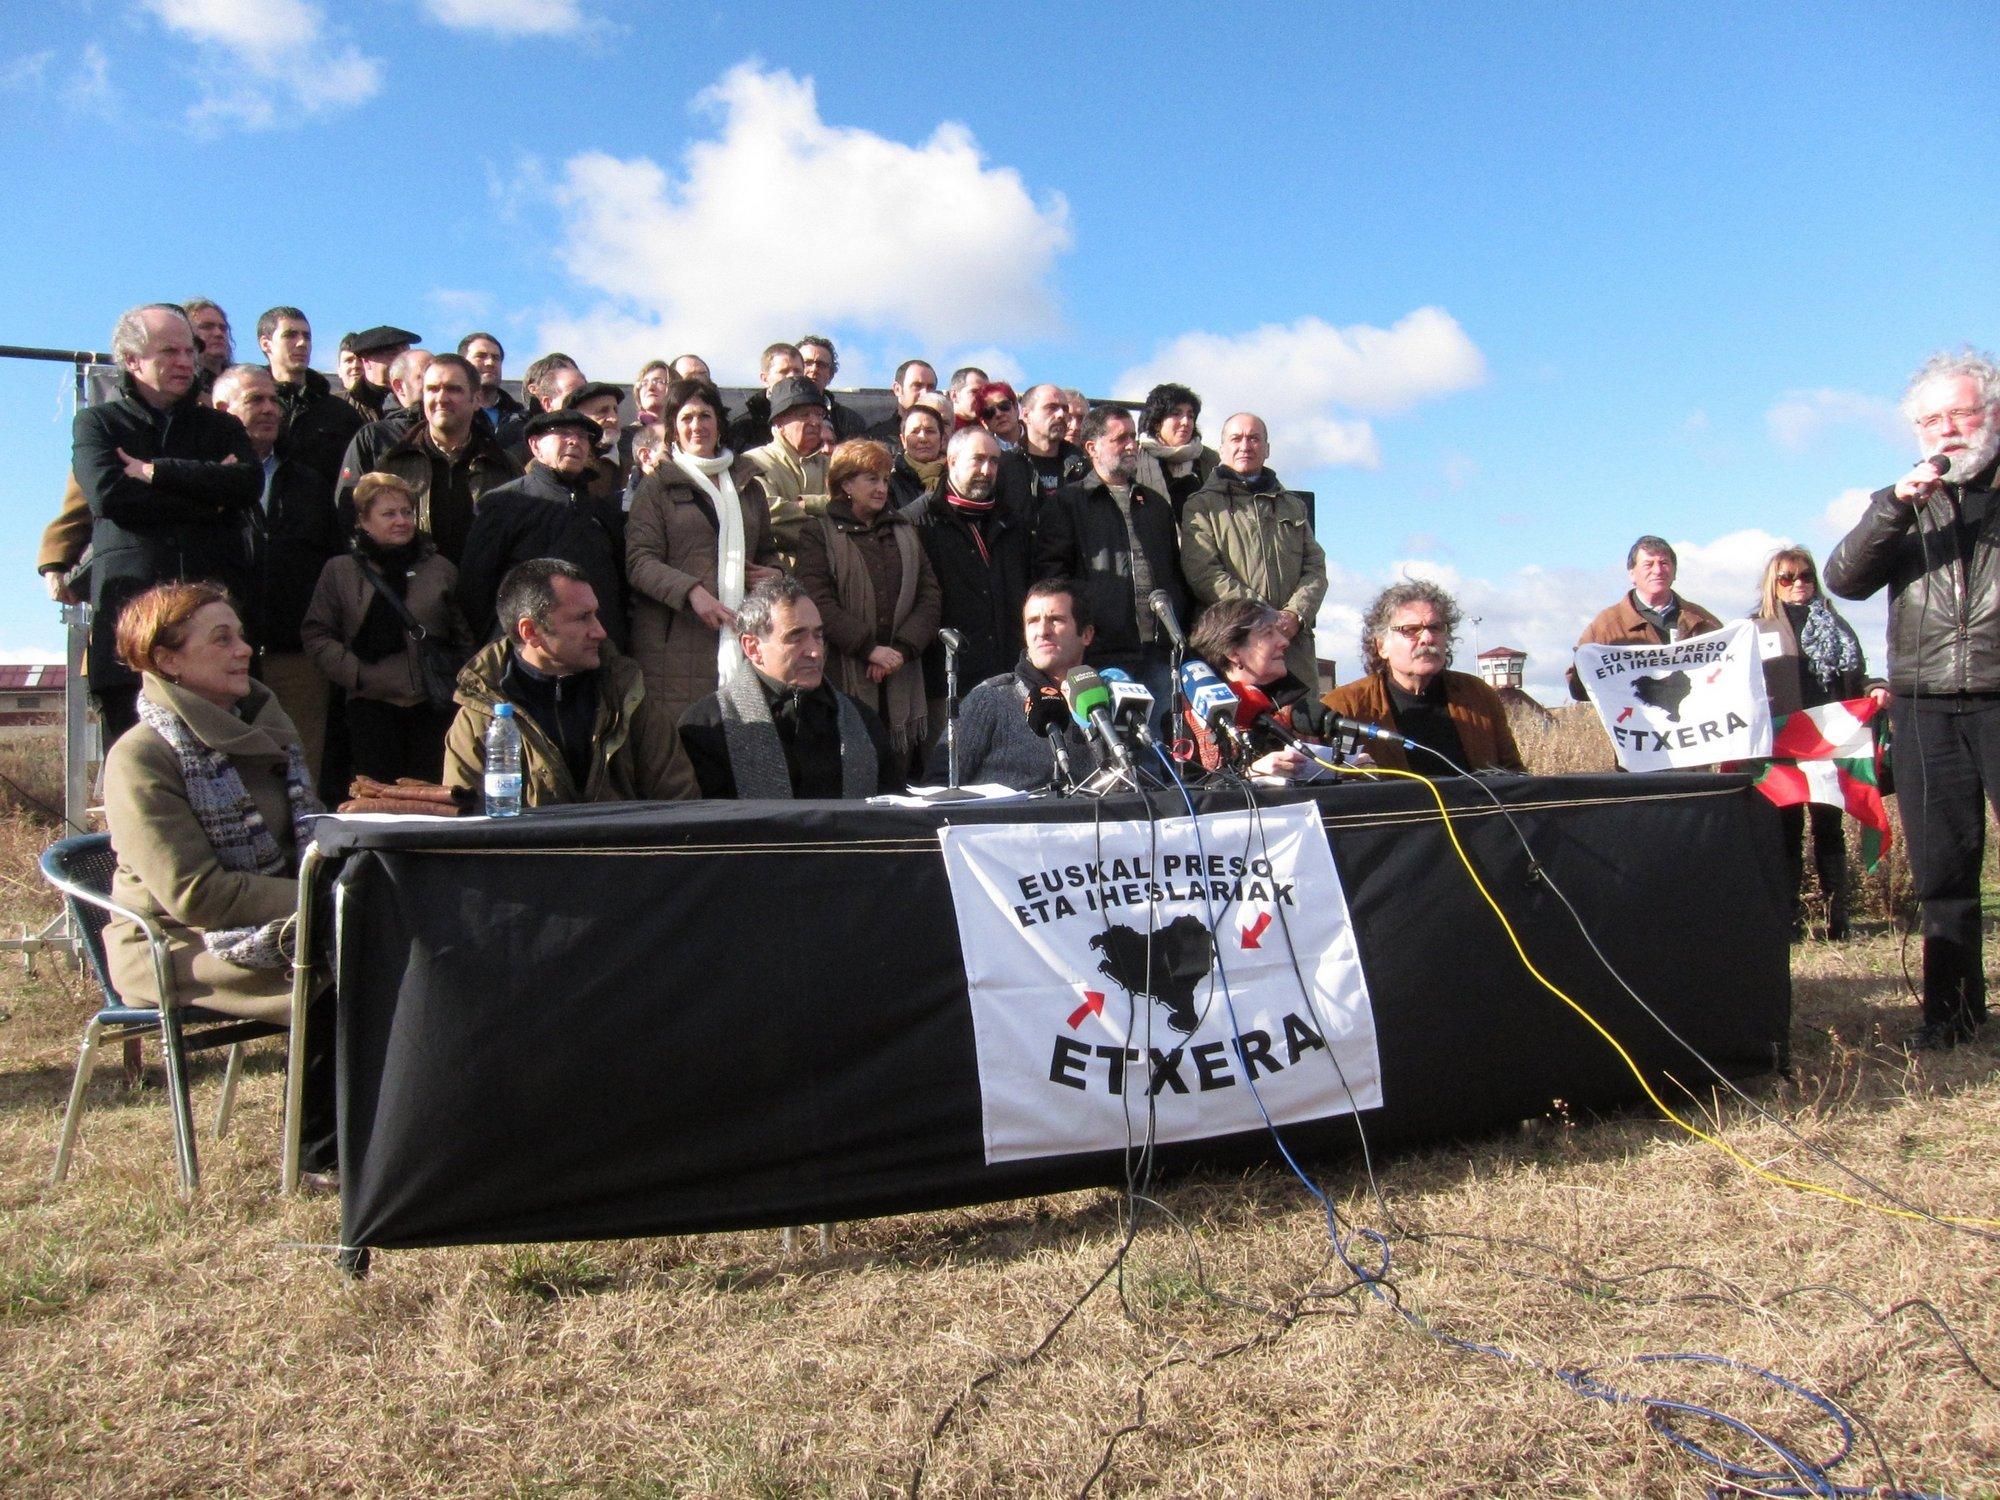 Cerca de 150 personas piden «la inmediata puesta en libertad de Arnaldo Otegi» en la cárcel de Logroño